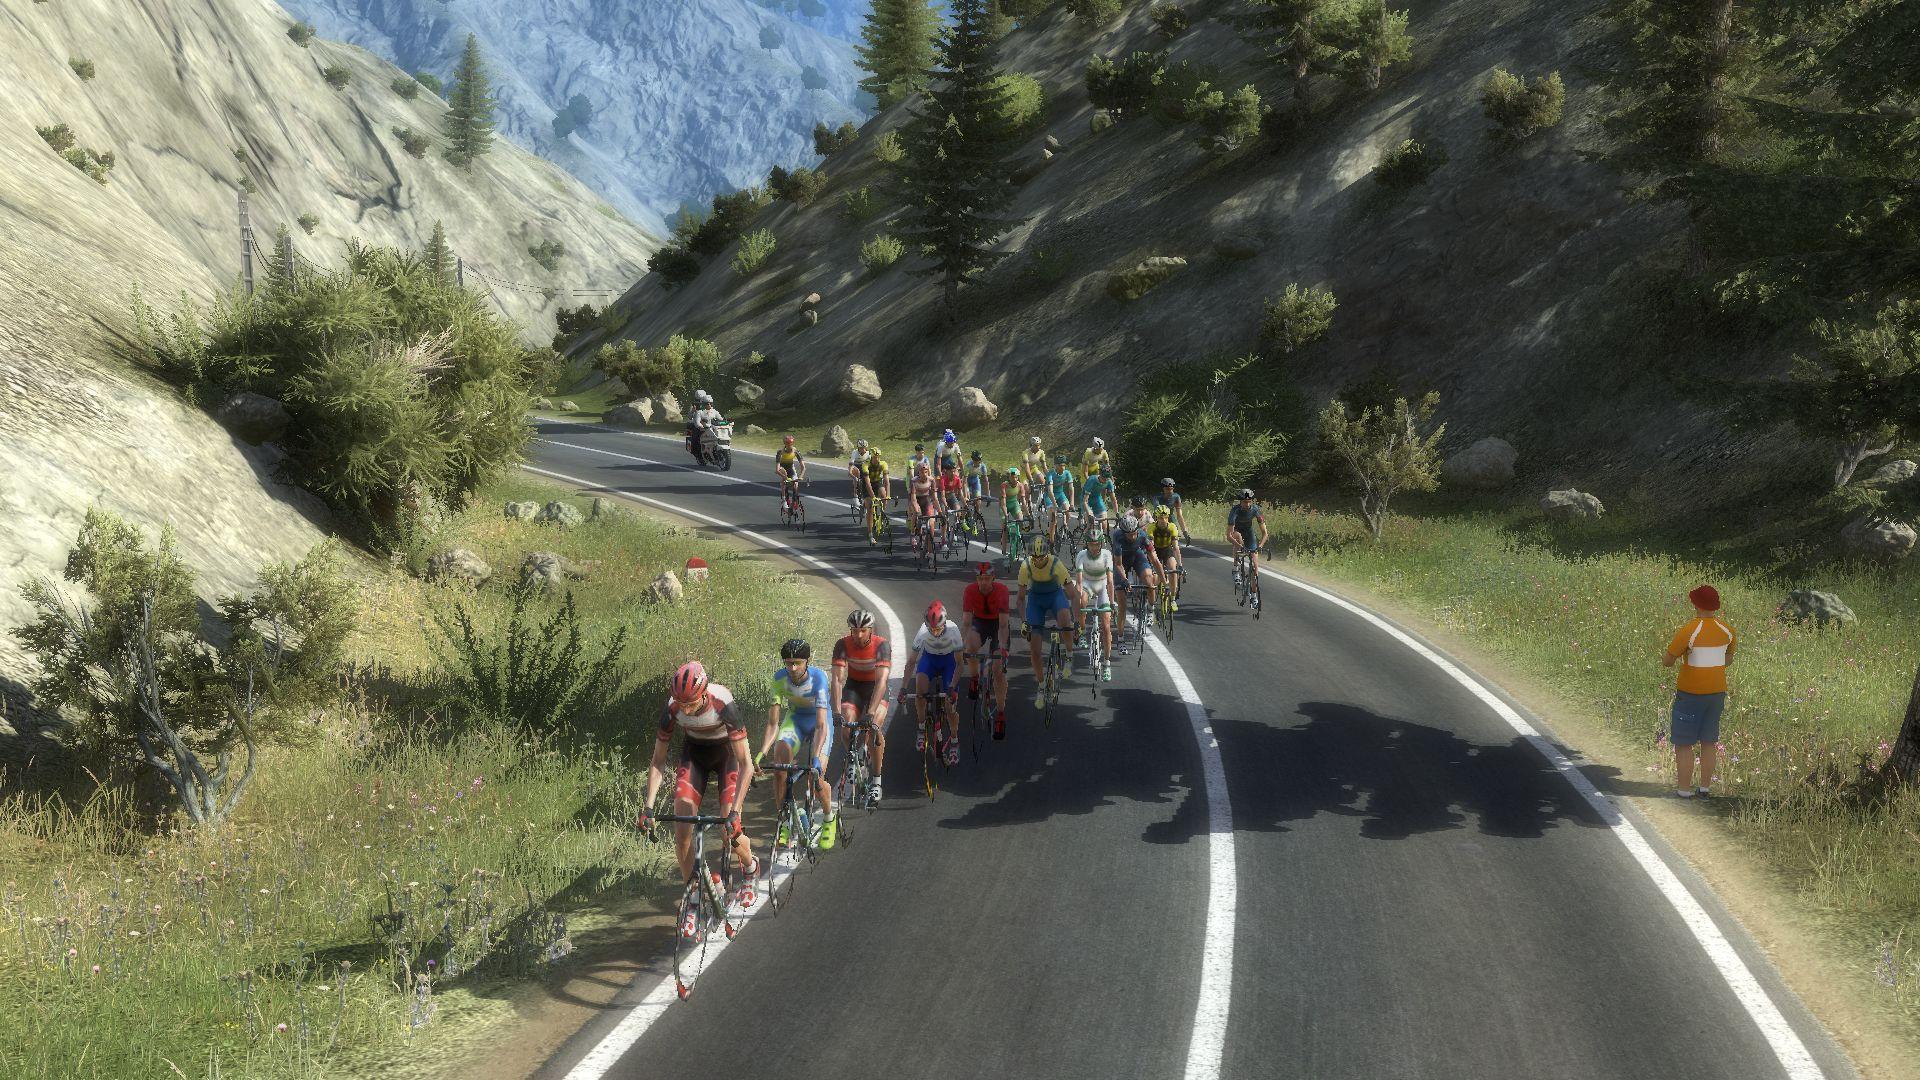 pcmdaily.com/images/mg/2020/Reports/C1/Andorra/TdAS5%204.jpg